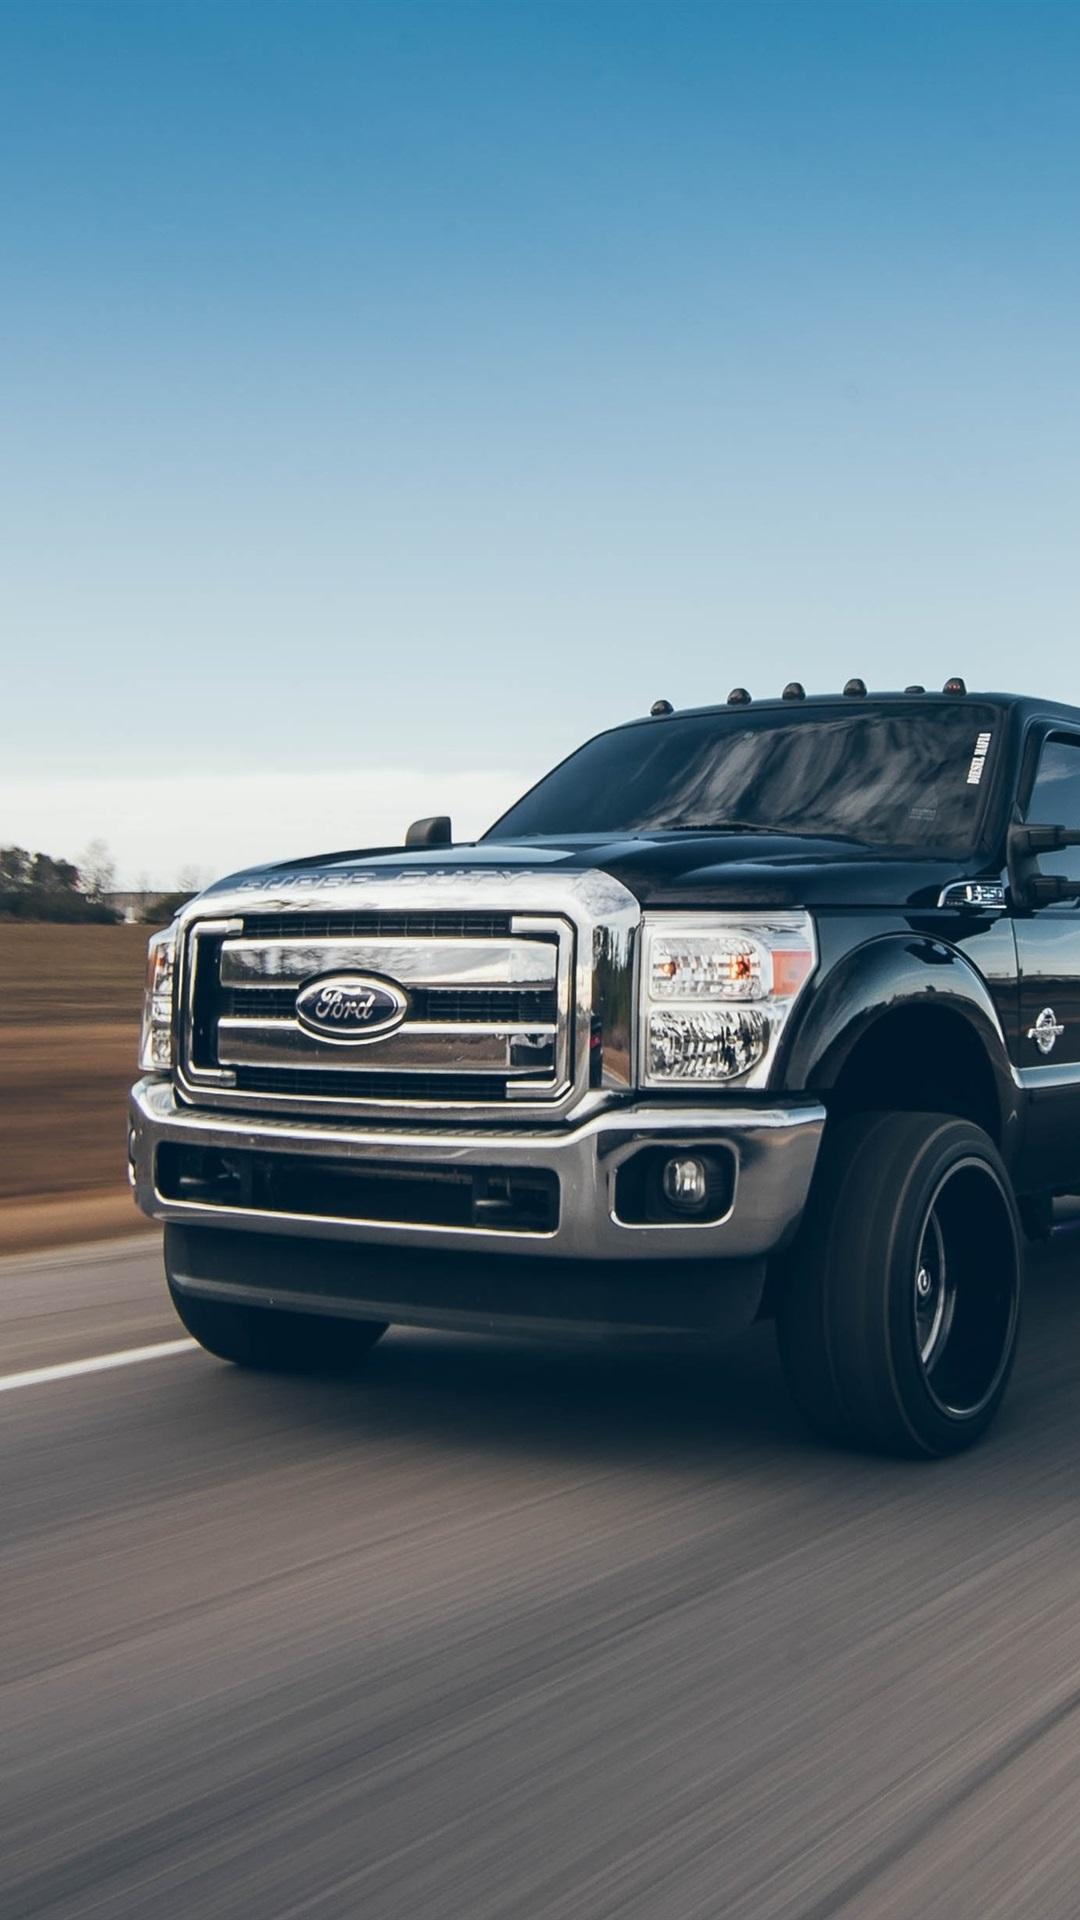 Ford pickup speed 3840x2160 UHD 4K